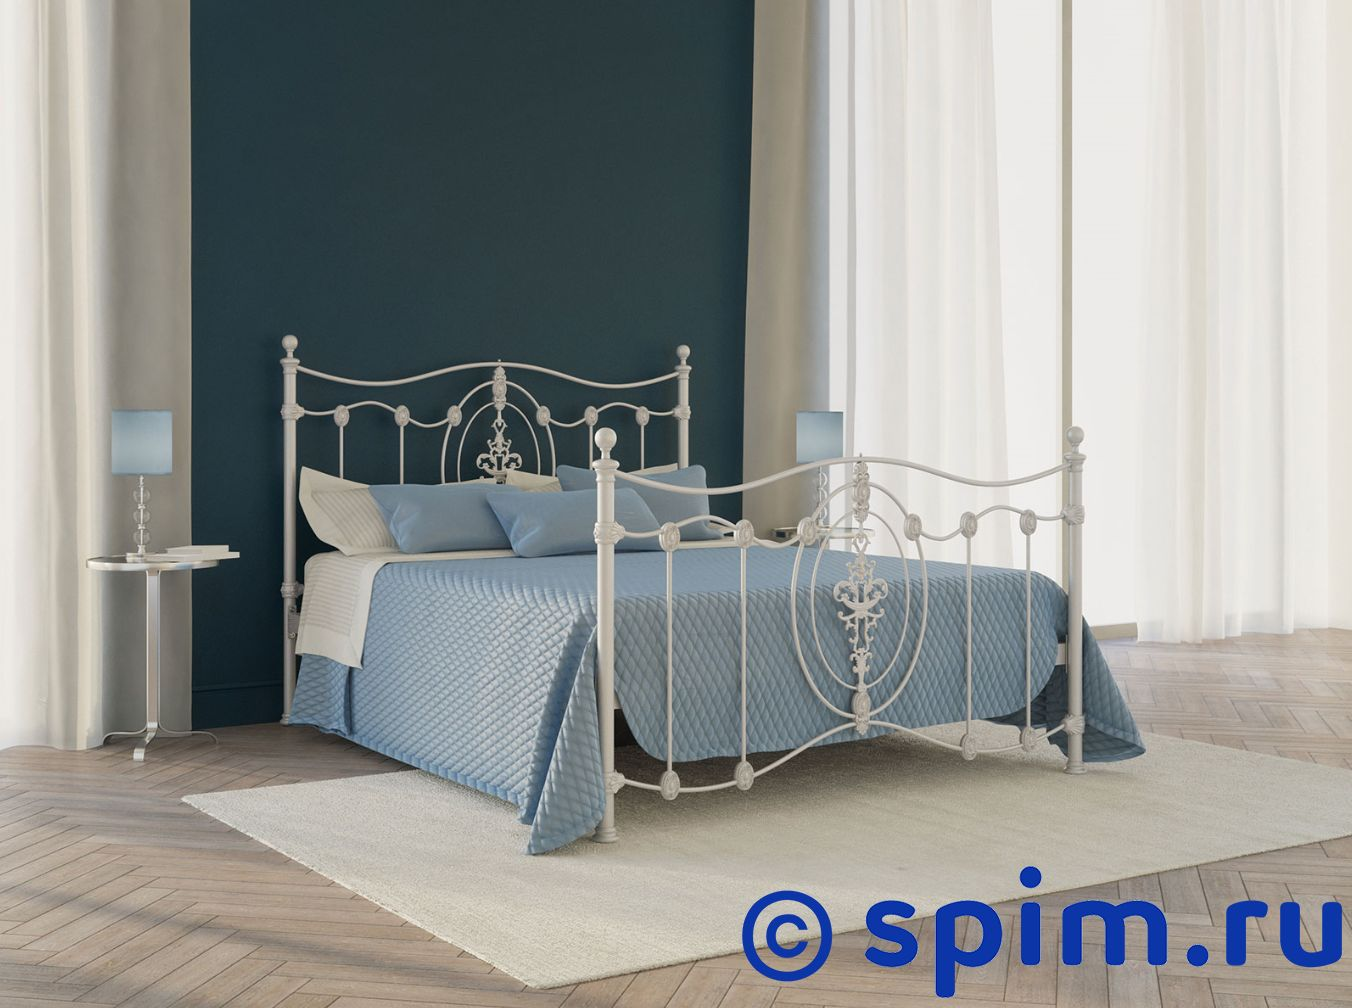 Кровать Originals by Dreamline Diana (2 спинки) 200х195 см